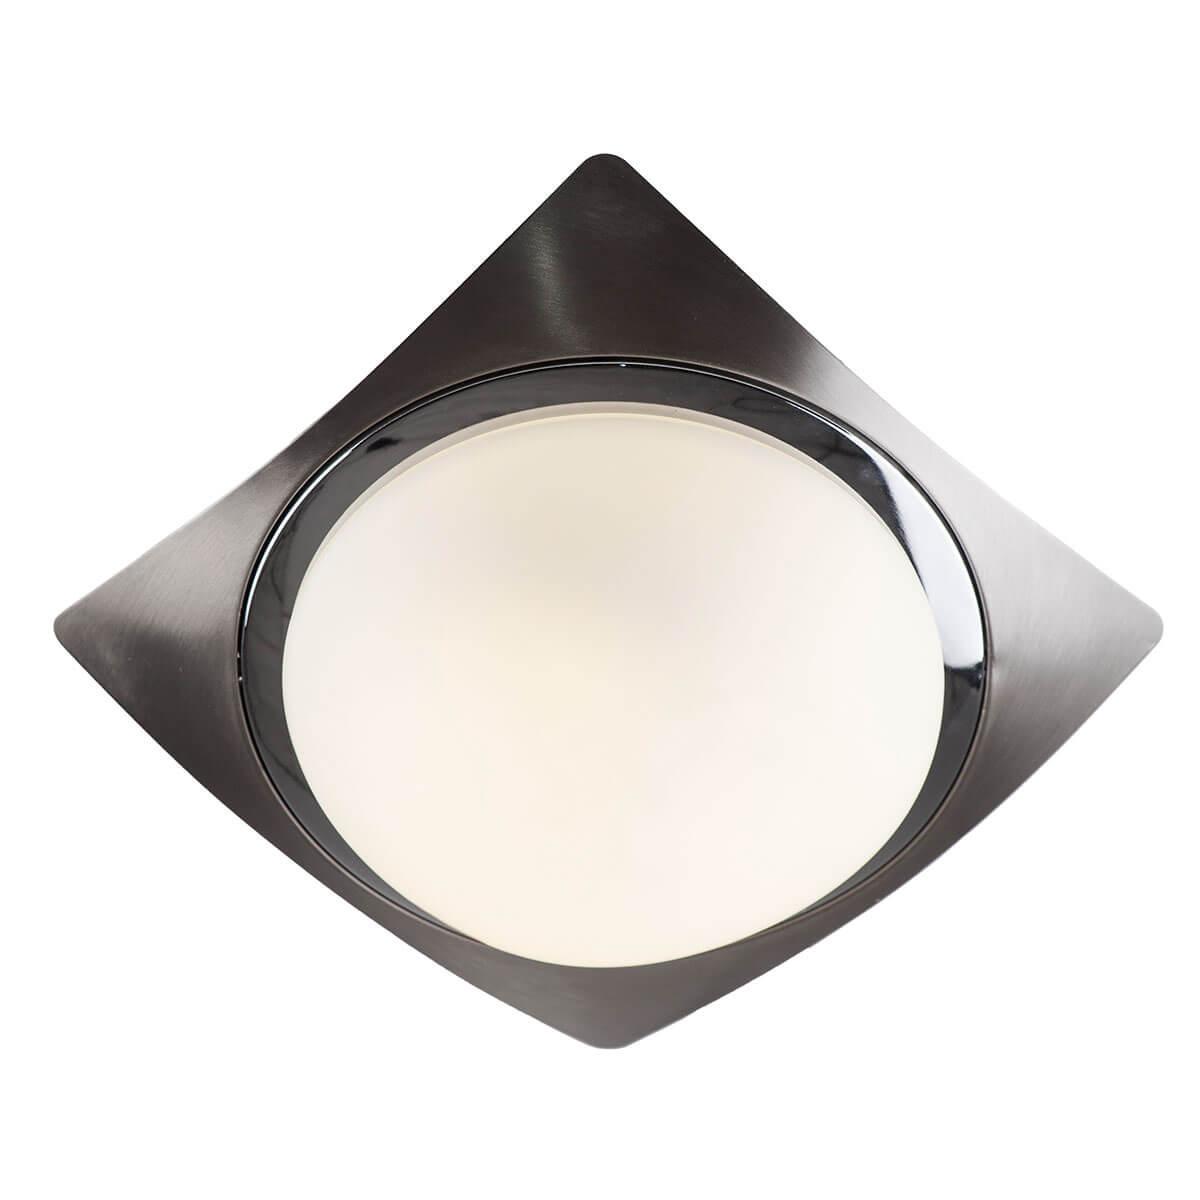 Потолочный светильник IDLamp Alessa 370/25PF-Whitechrome потолочный светильник idlamp alessa 370 25pf whitechrome